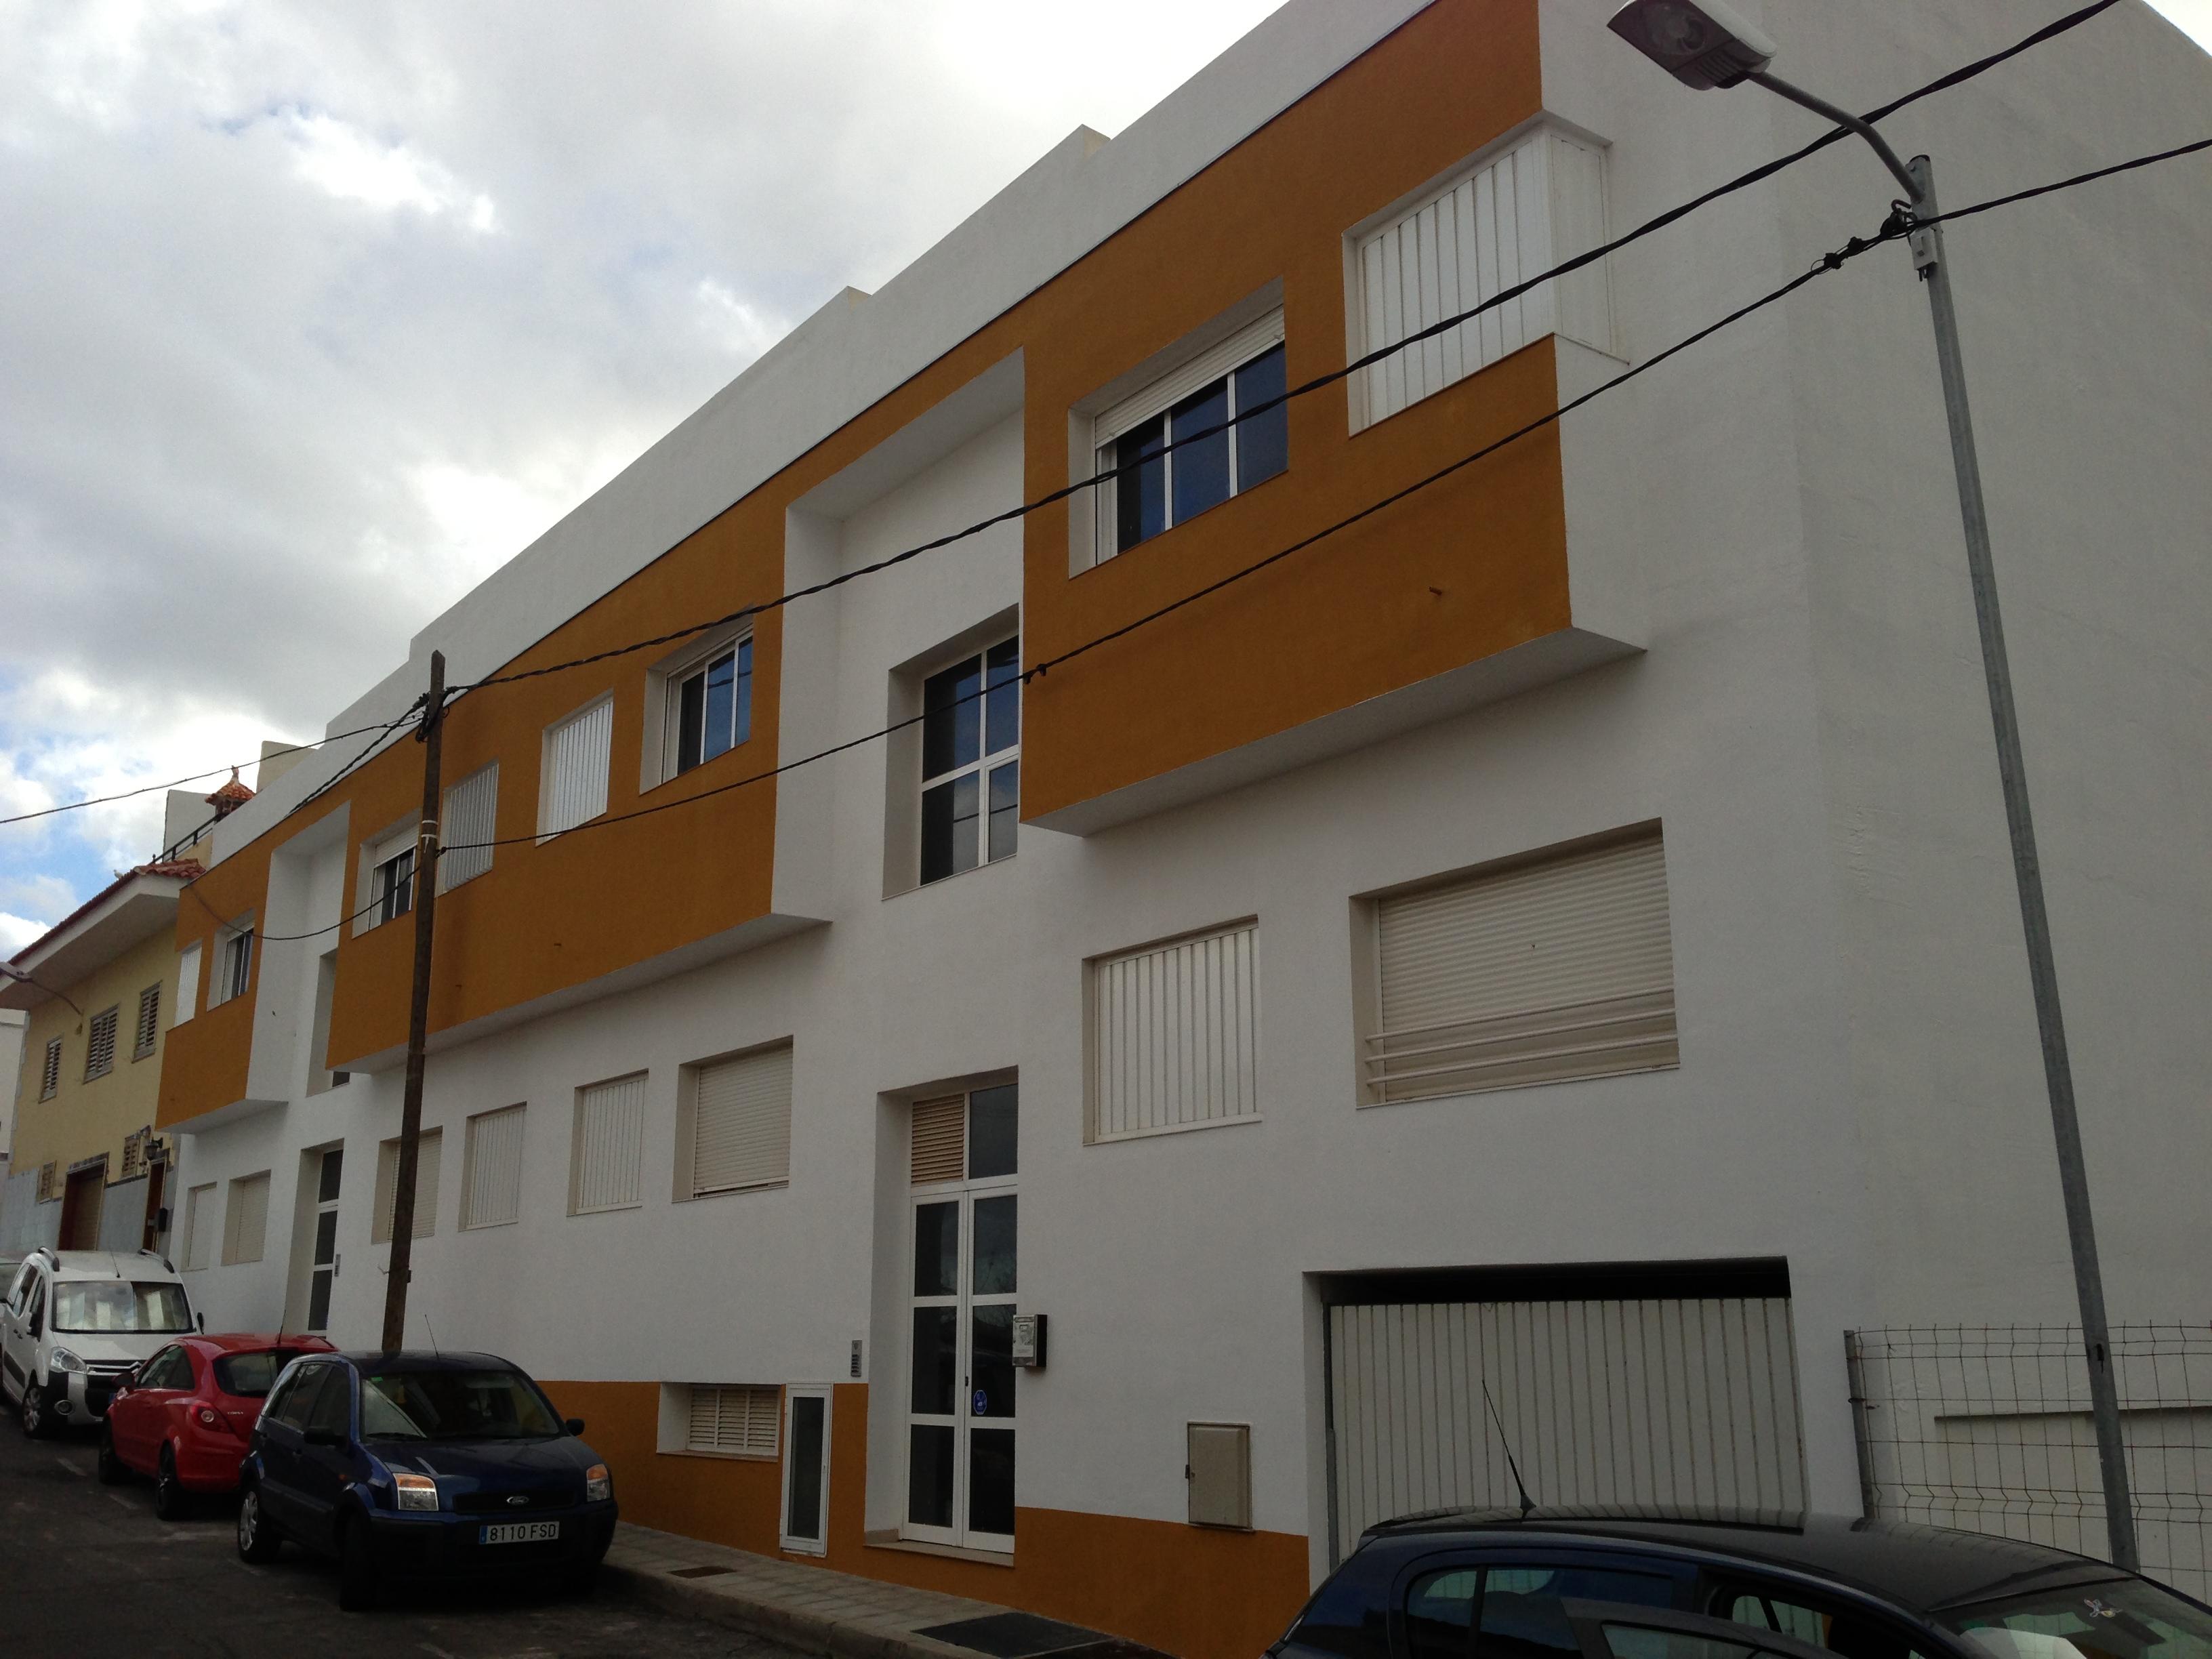 homlokzatok - LALA-ÉP 97 Bt. - Tenerife